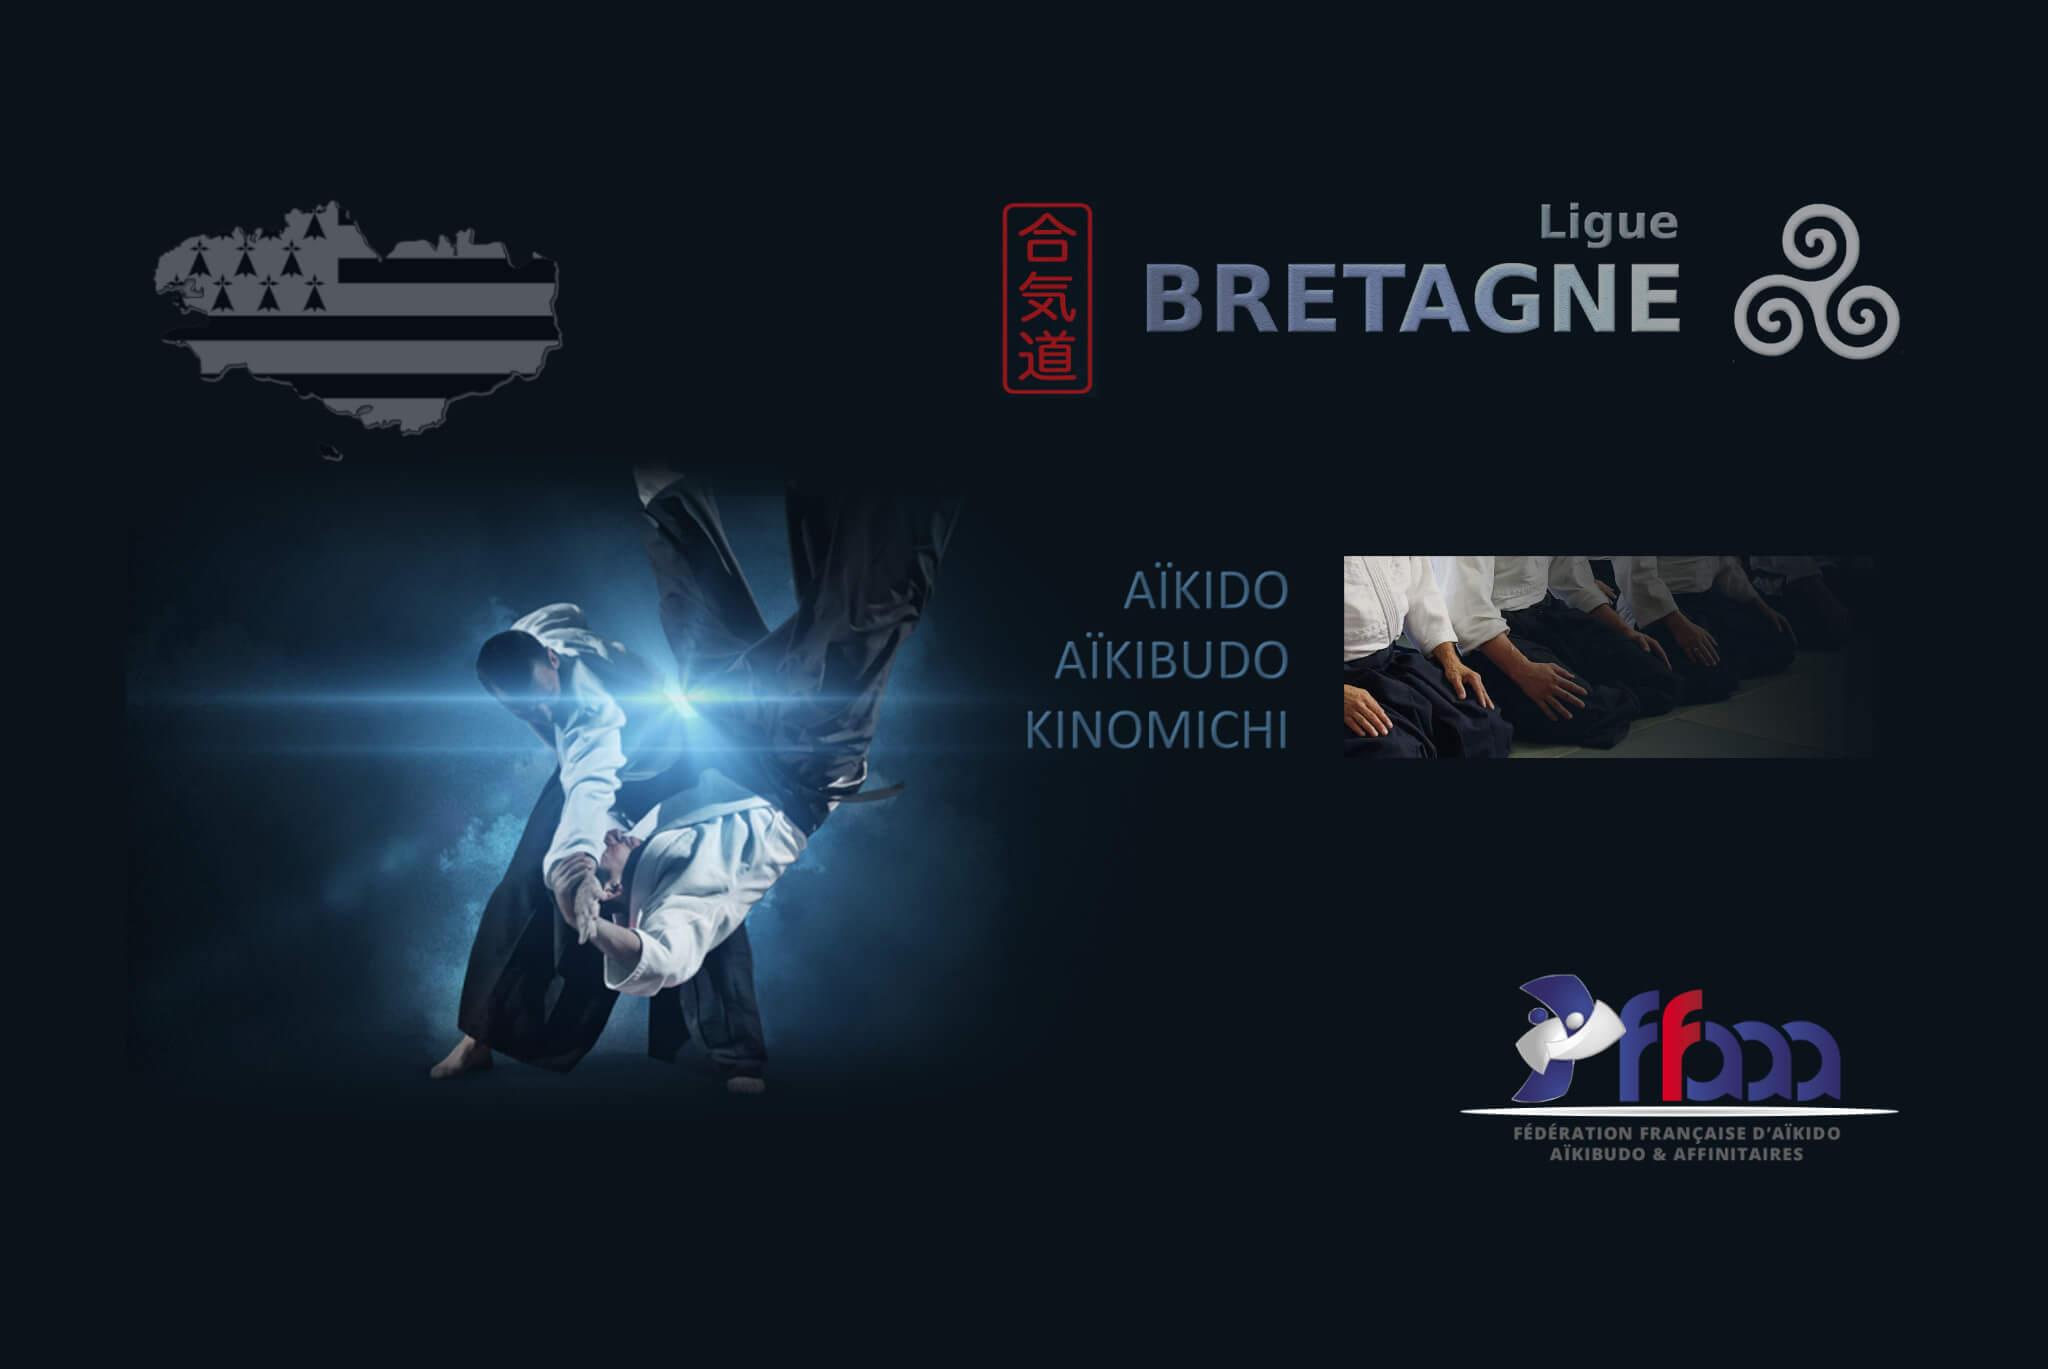 accueil ligue bretagne ffaaa aikido